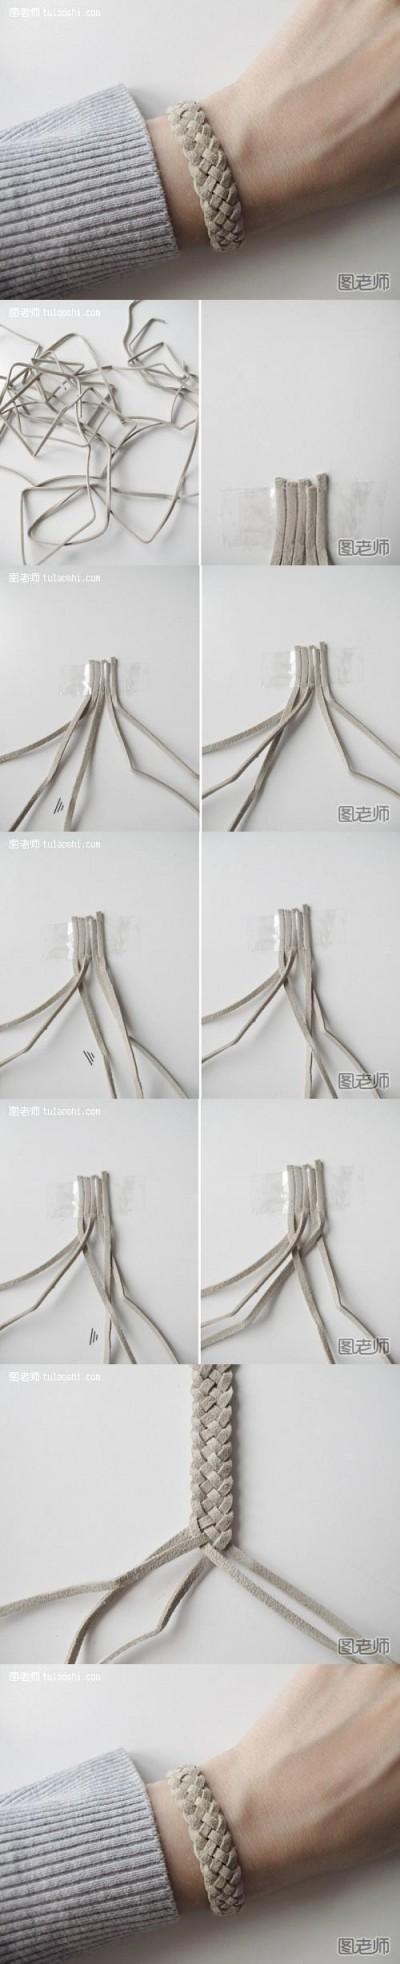 how to make, unique, bracelet